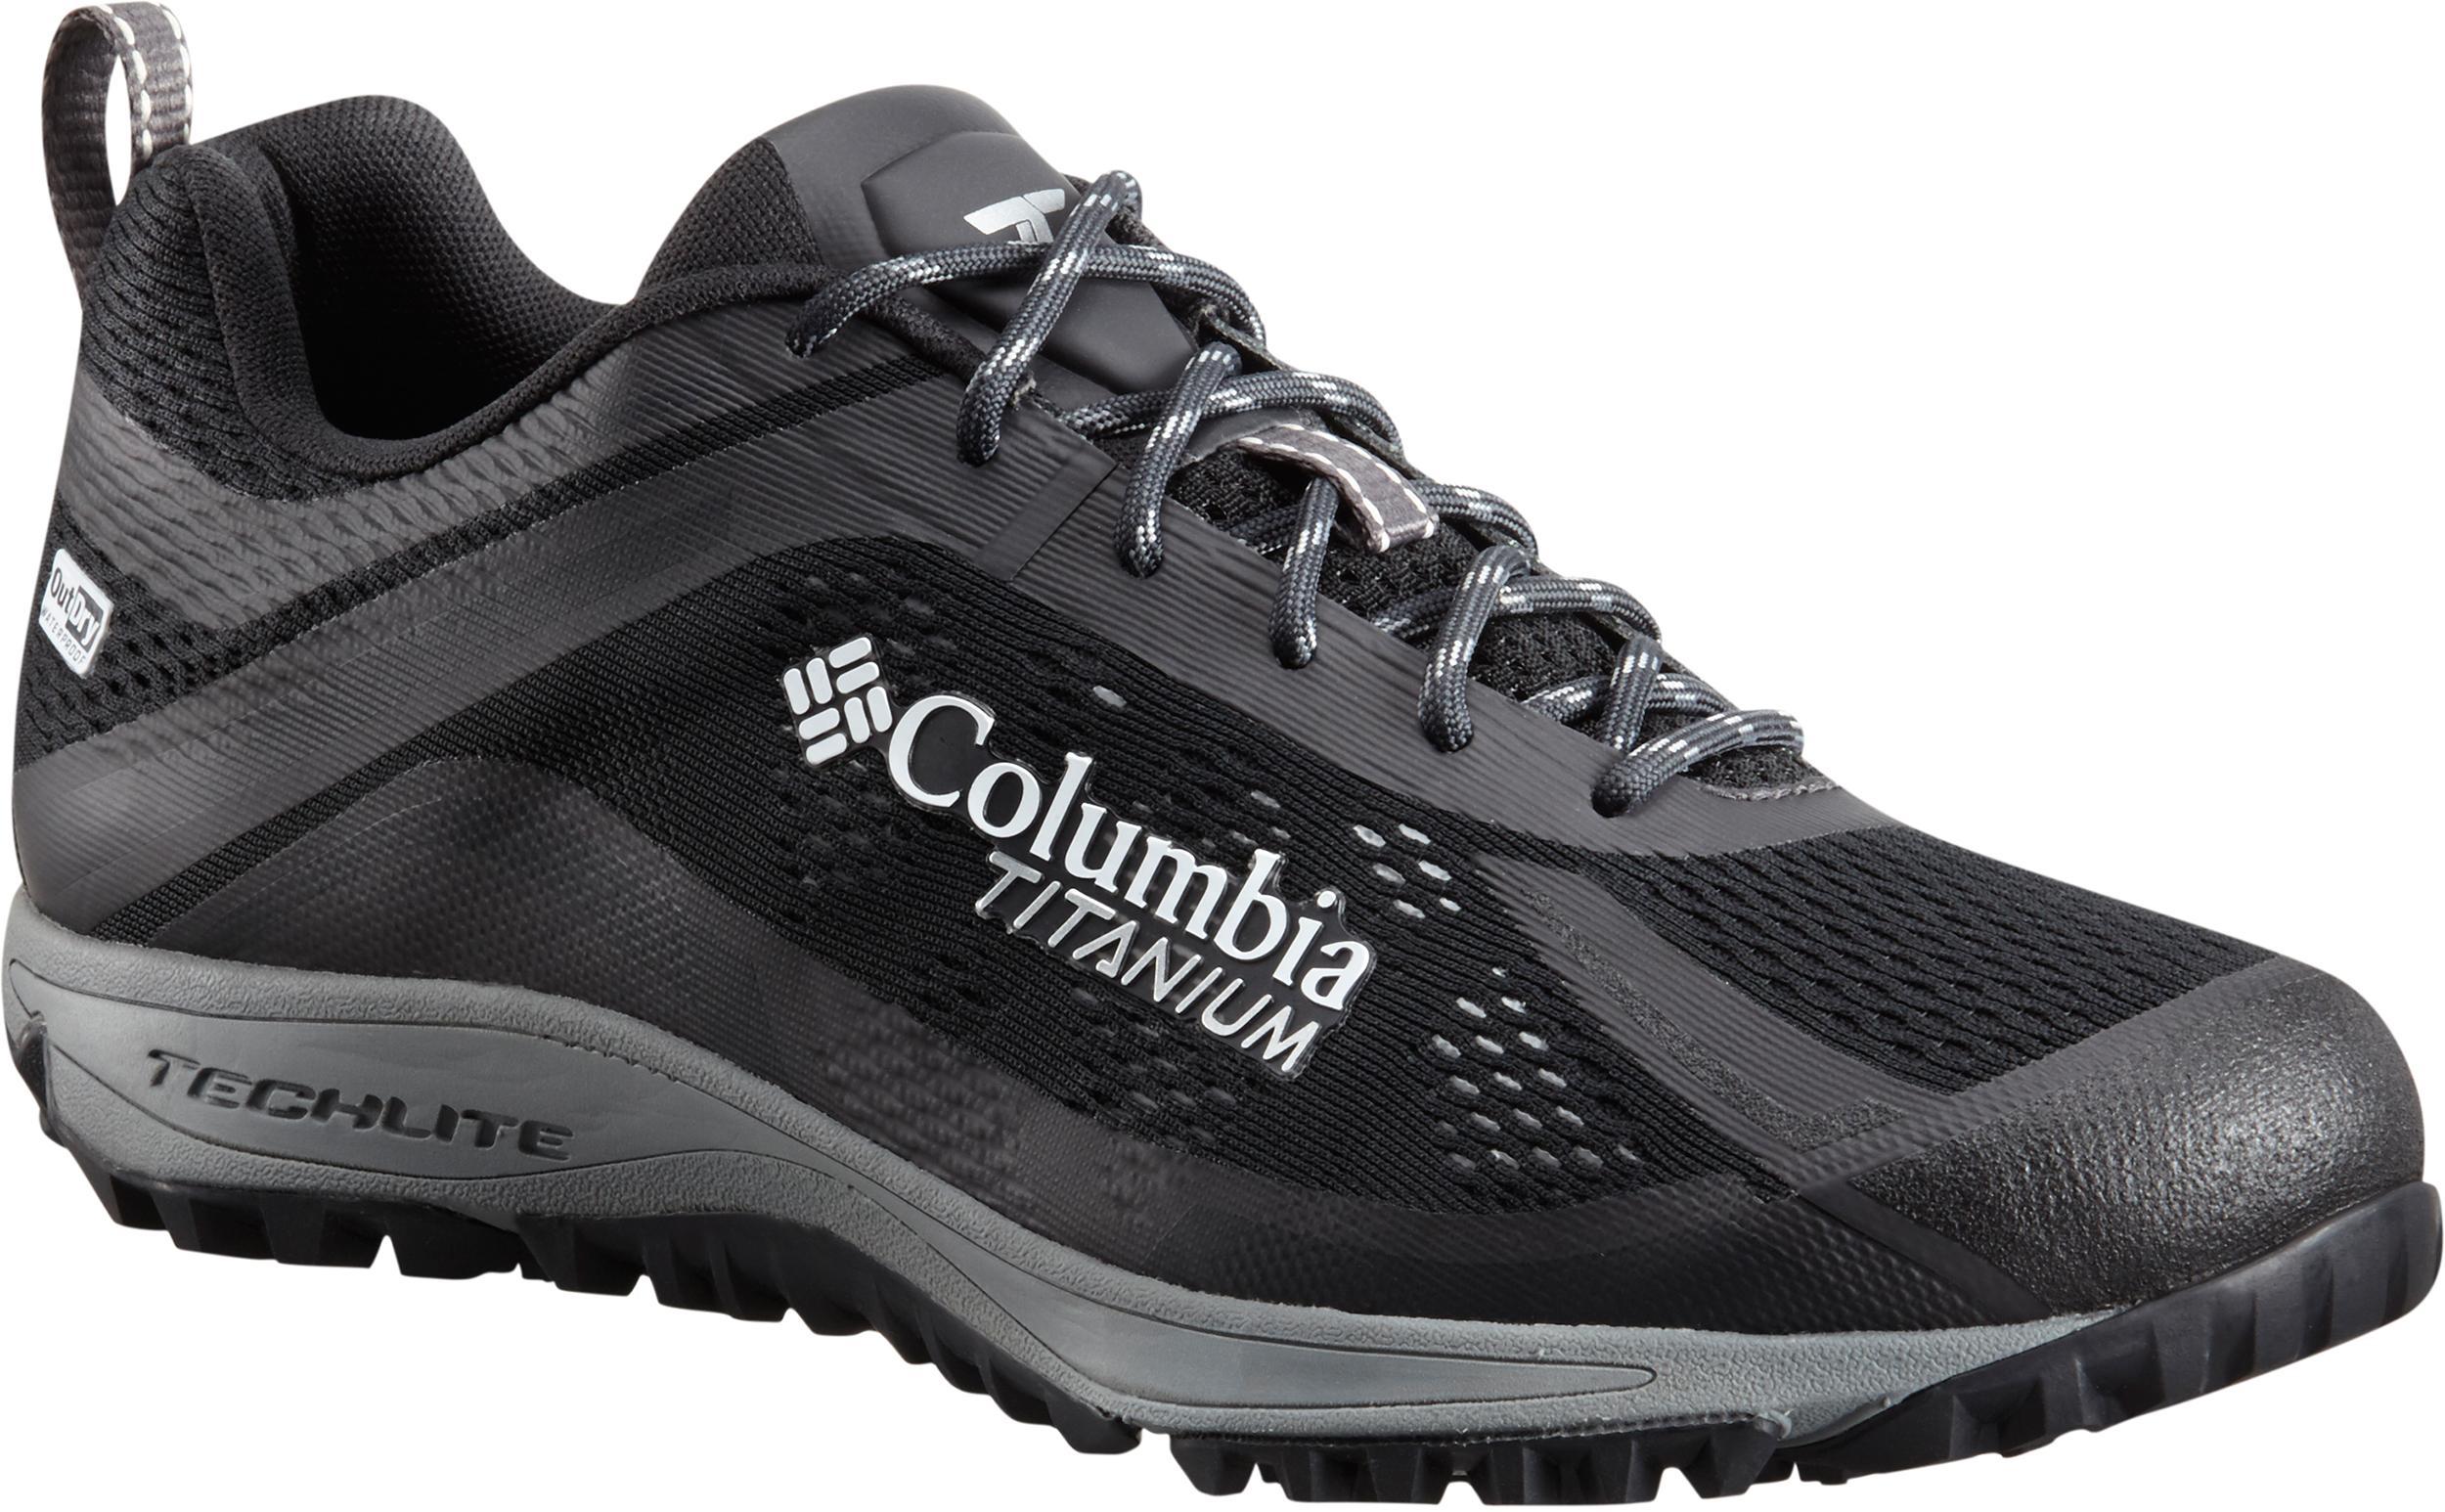 Men's Outdry Columbia Iii Shoes Titanium Conspiracy xwWqXF1z